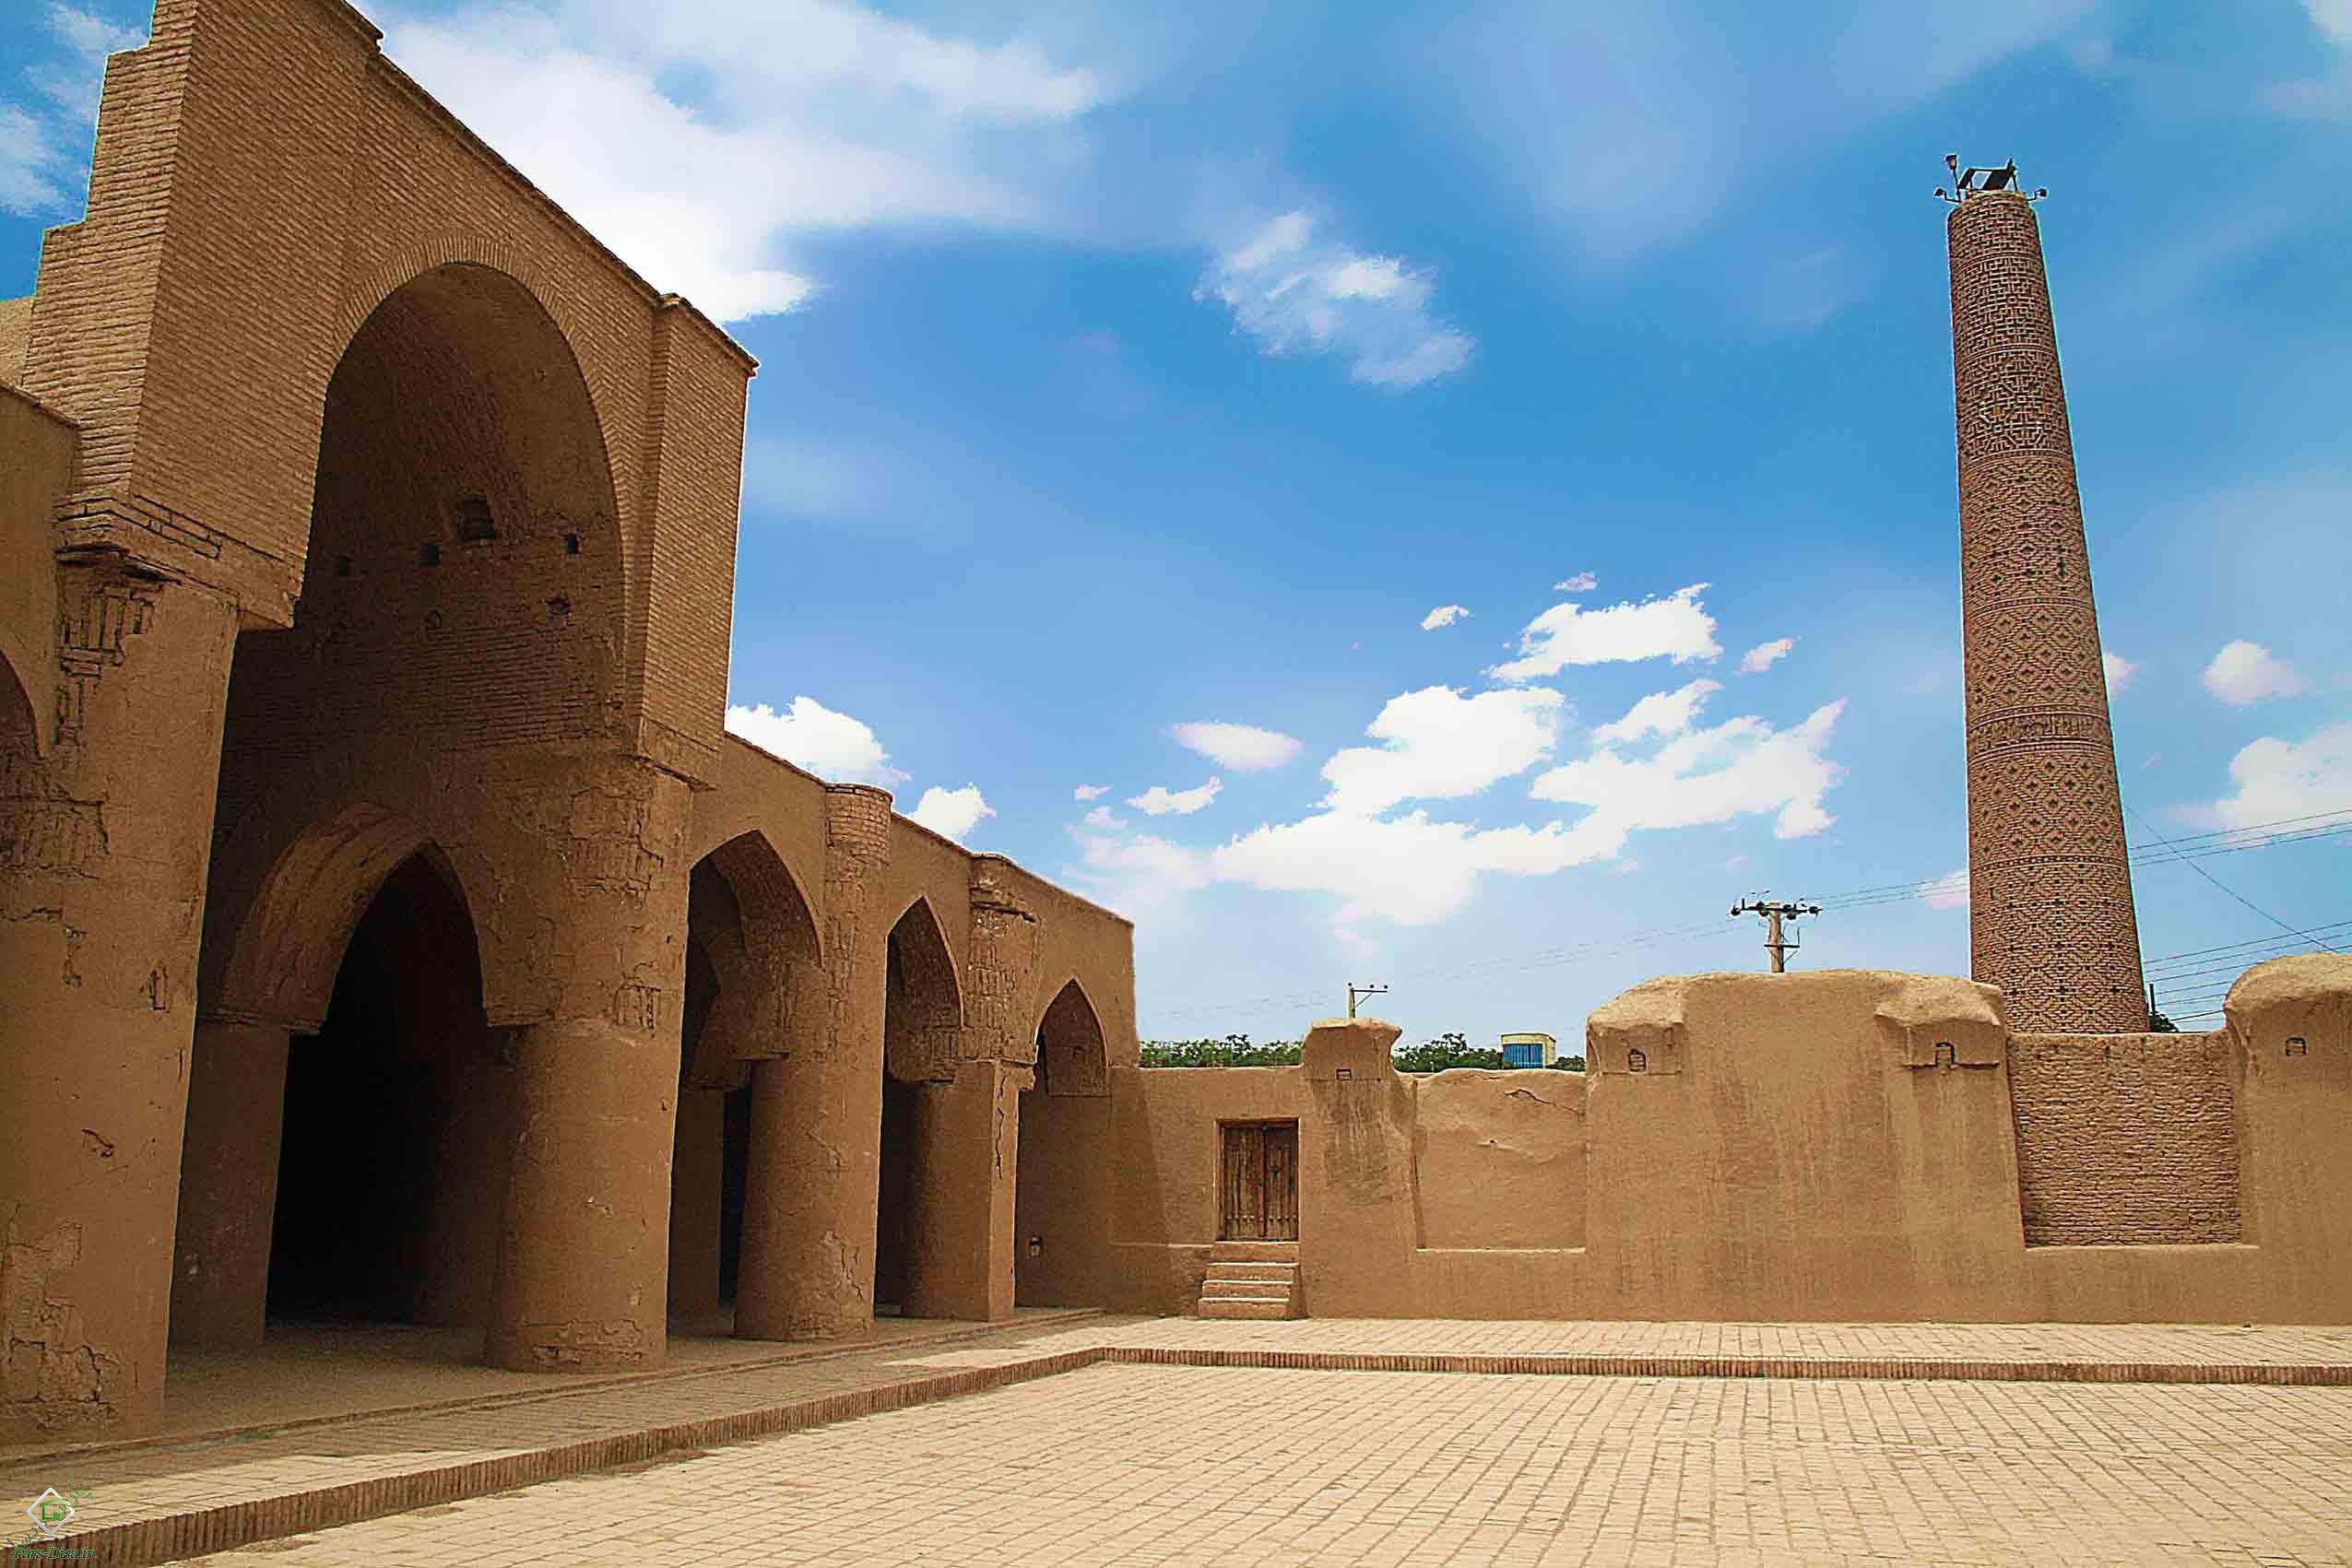 پروژه اتوکد مسجد تک مناره